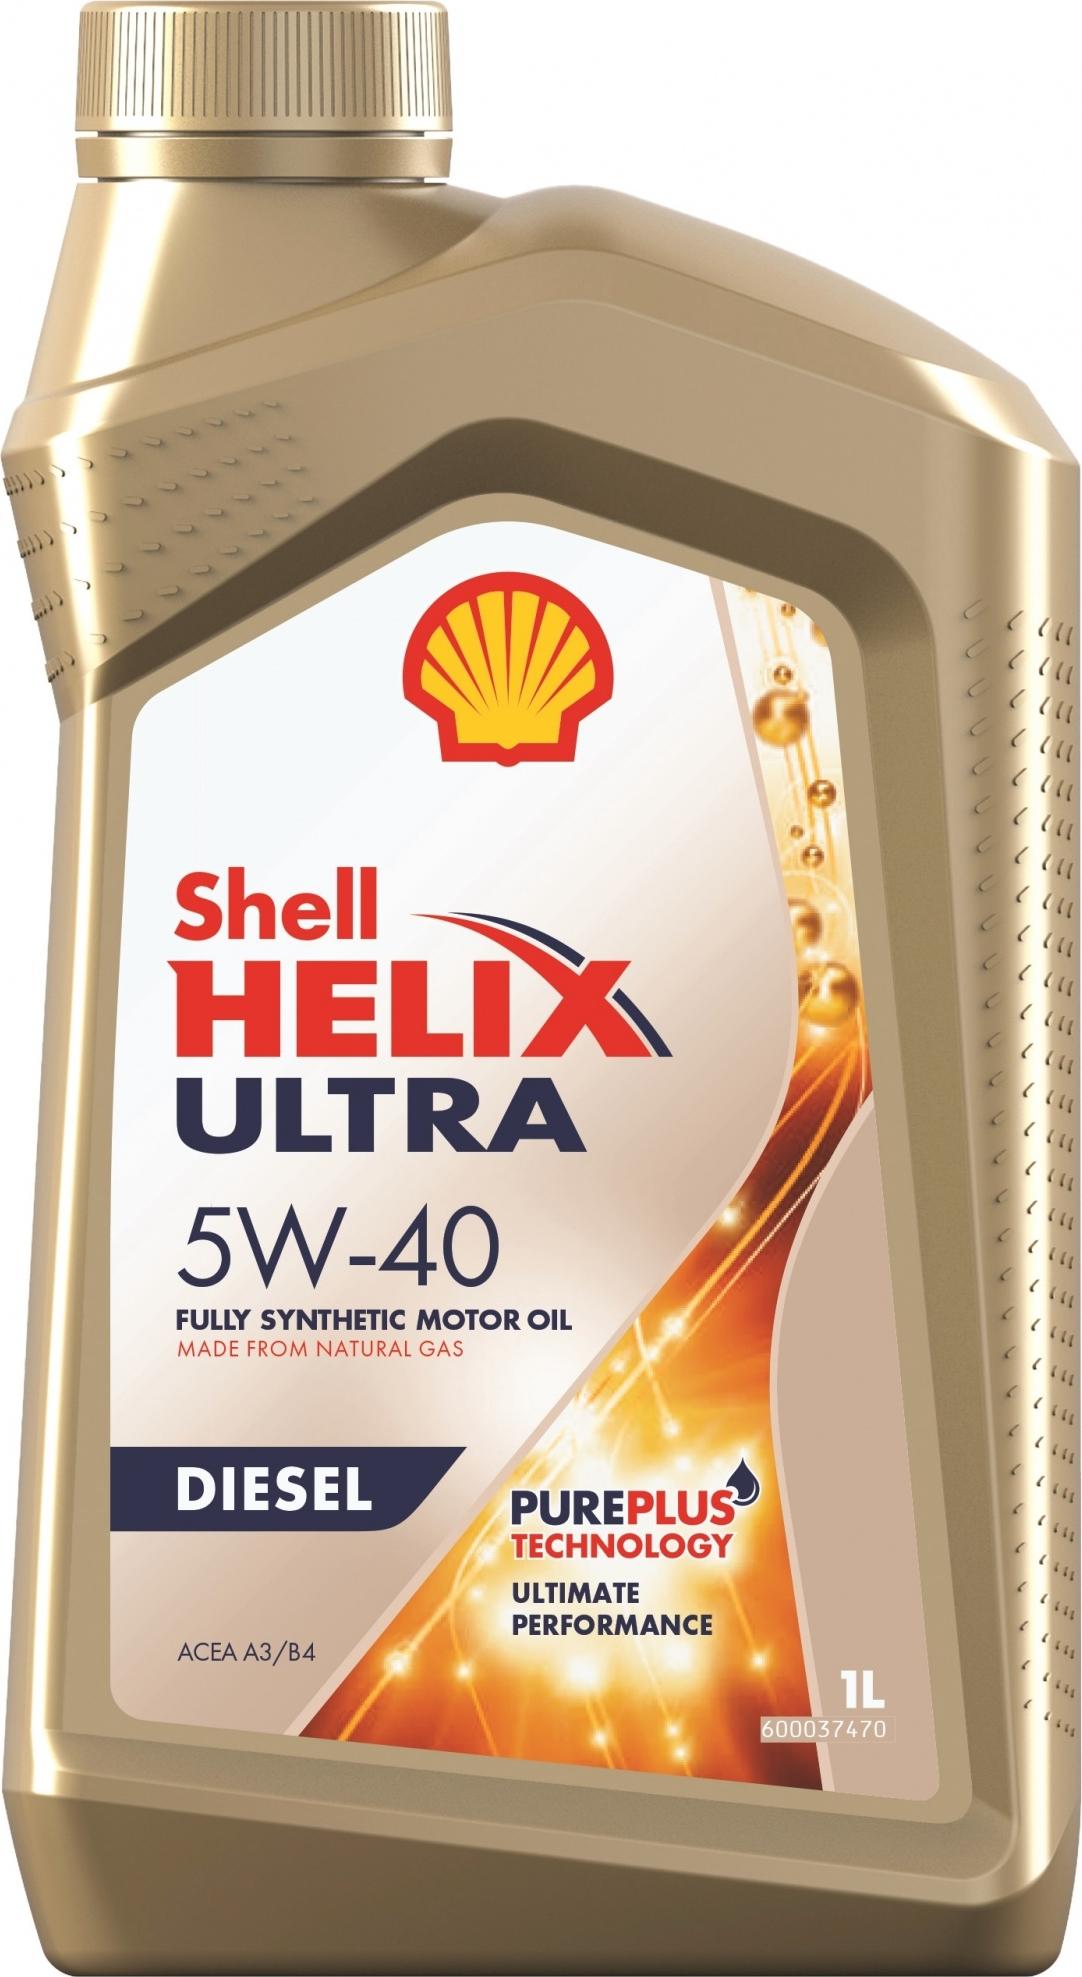 Моторное масло Shell Helix Ultra Diesel, синтетическое, 5W-40, 1 л